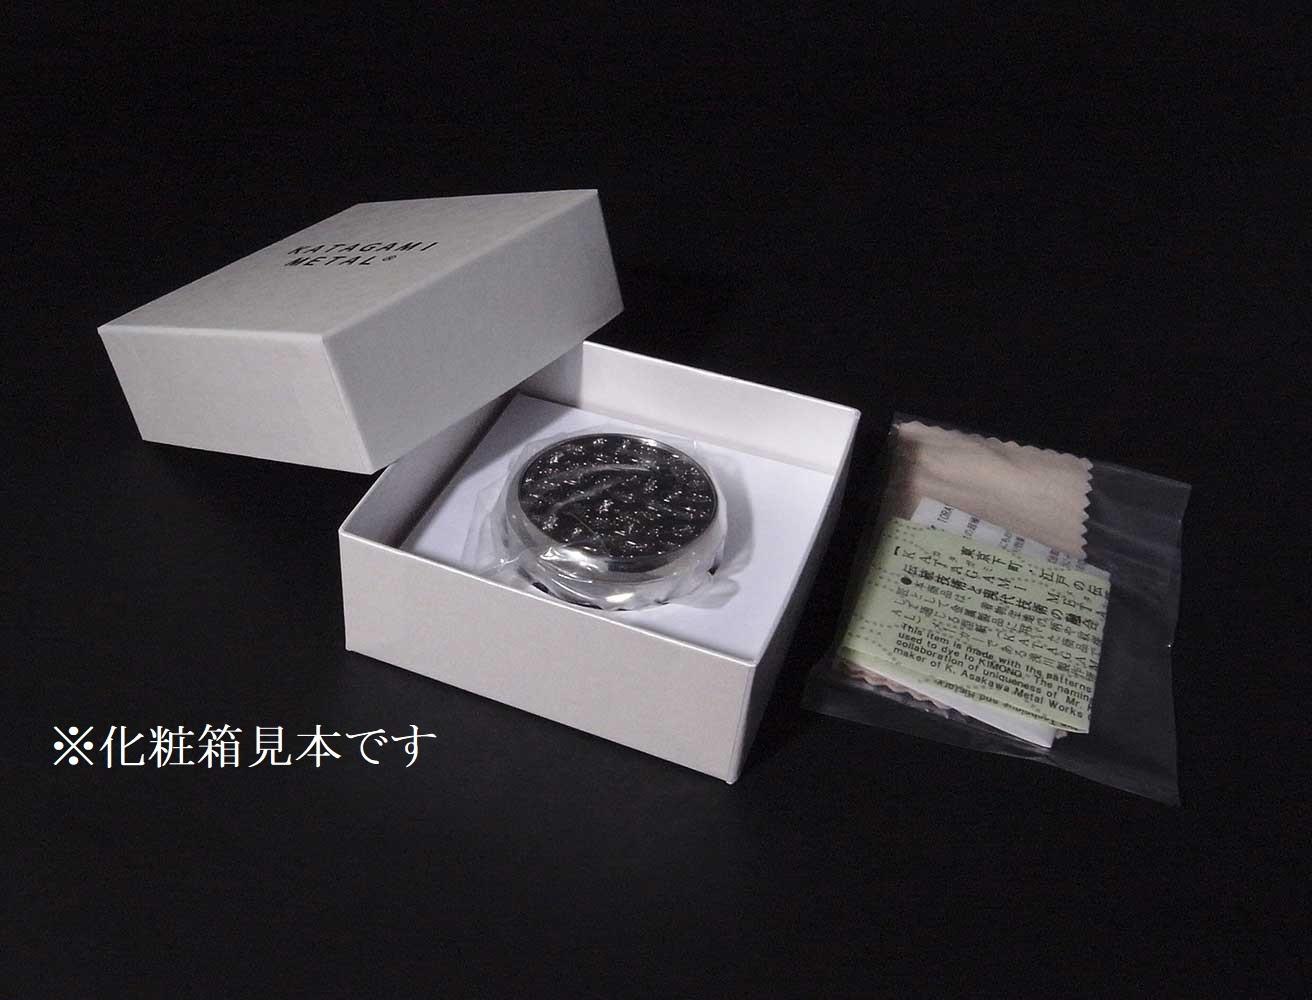 カタガミメタル宝物入れ 立枠 KA-141/Tate